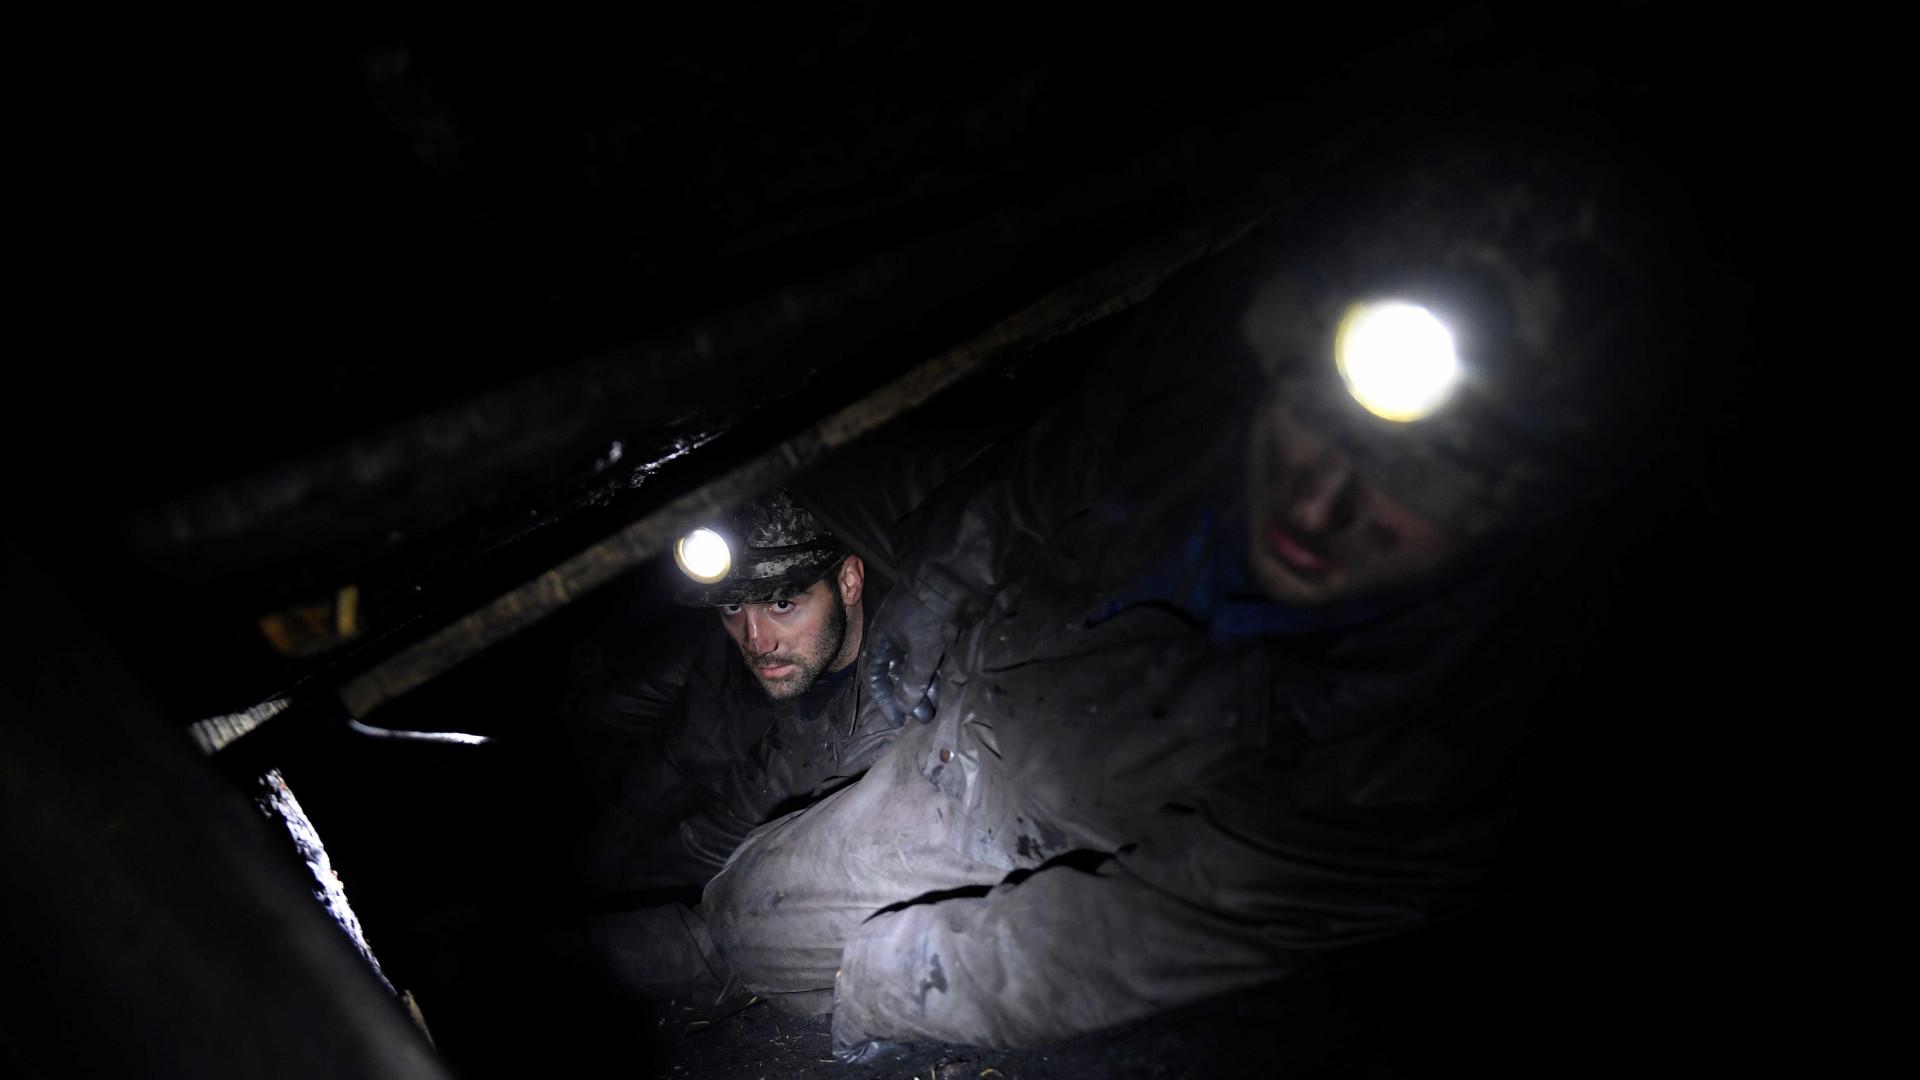 Operários presos há 3 dias em mina de carvão são resgatados com vida